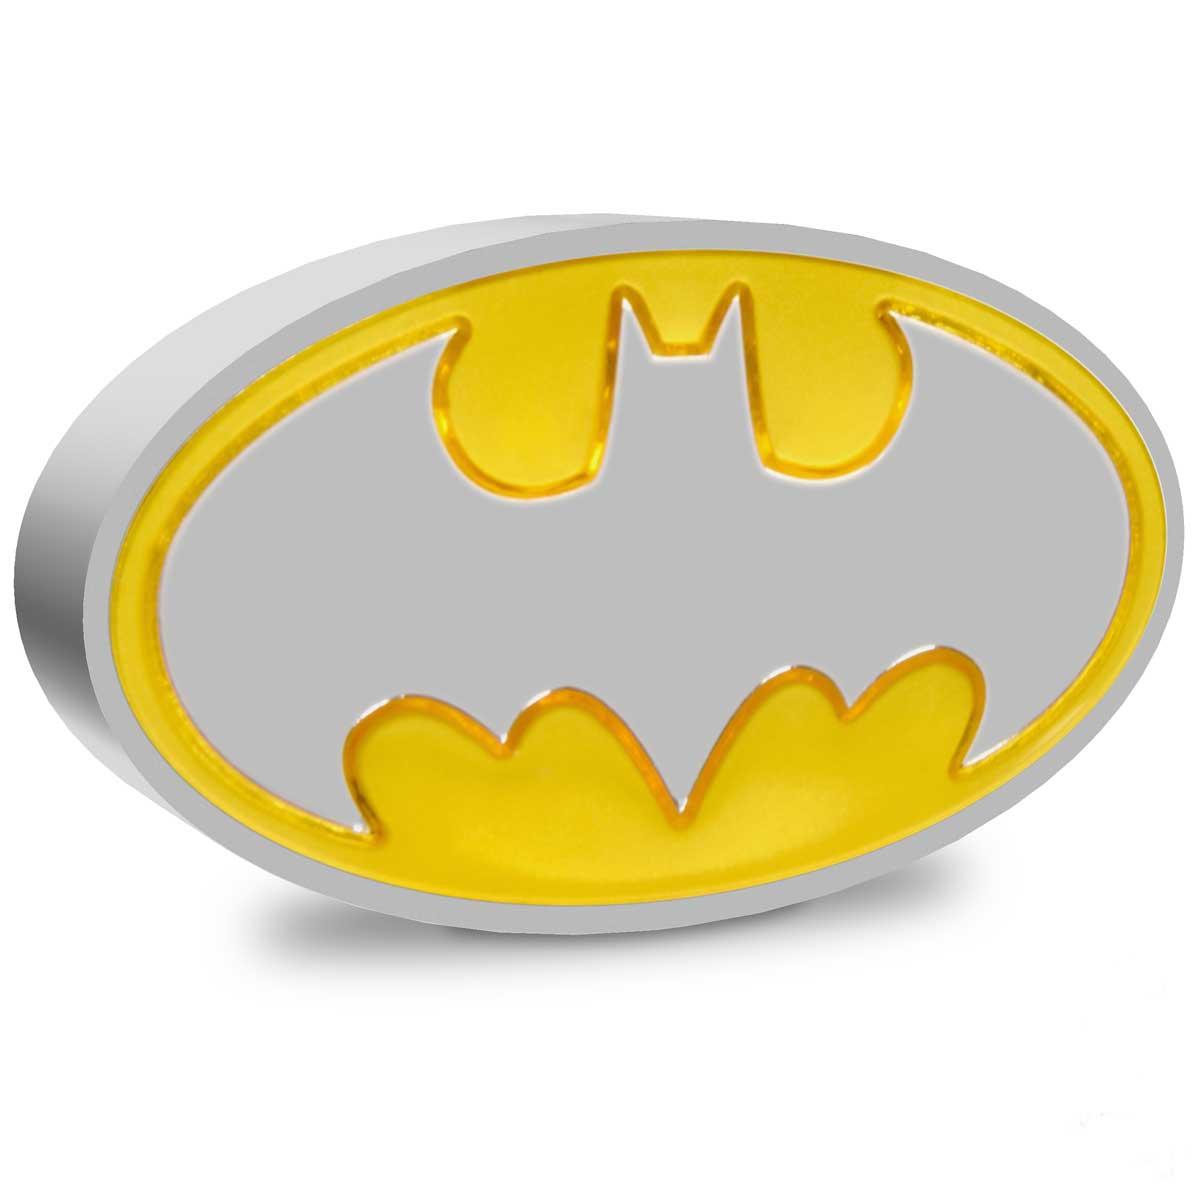 BATMAN™ LOGO 2021 Niue 1oz Silver Coin